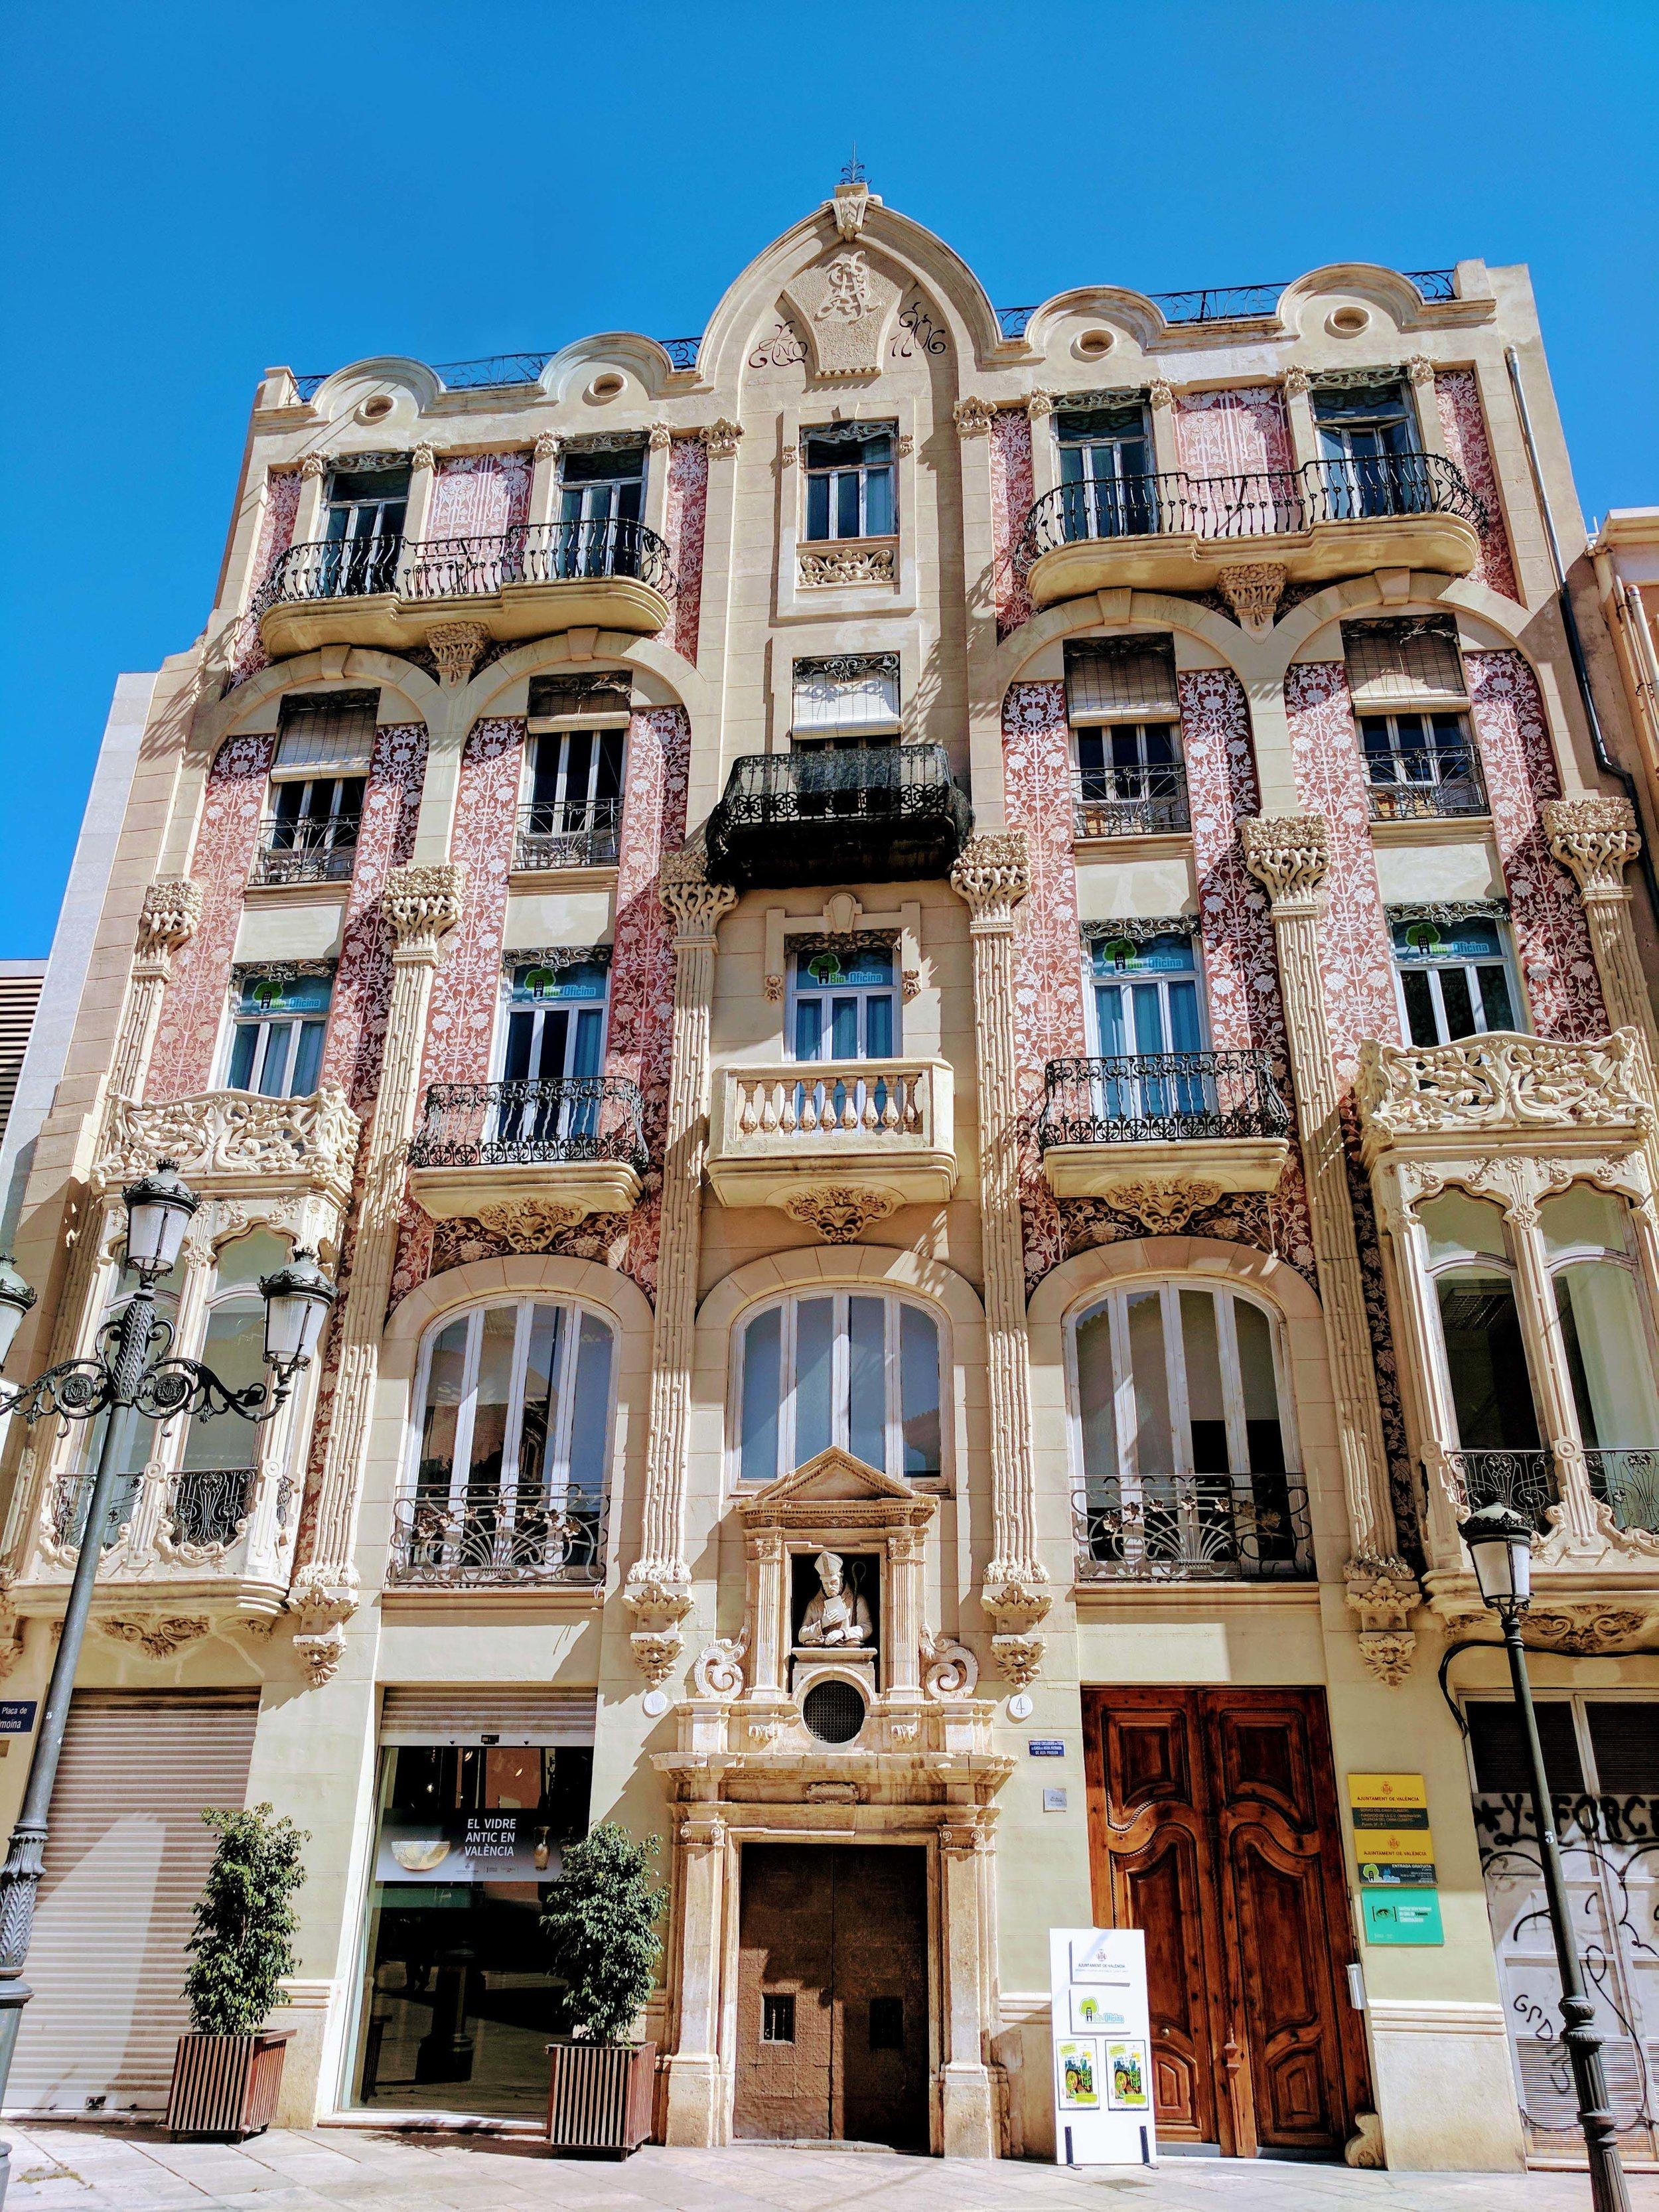 Beautiful Architecture in Valencia